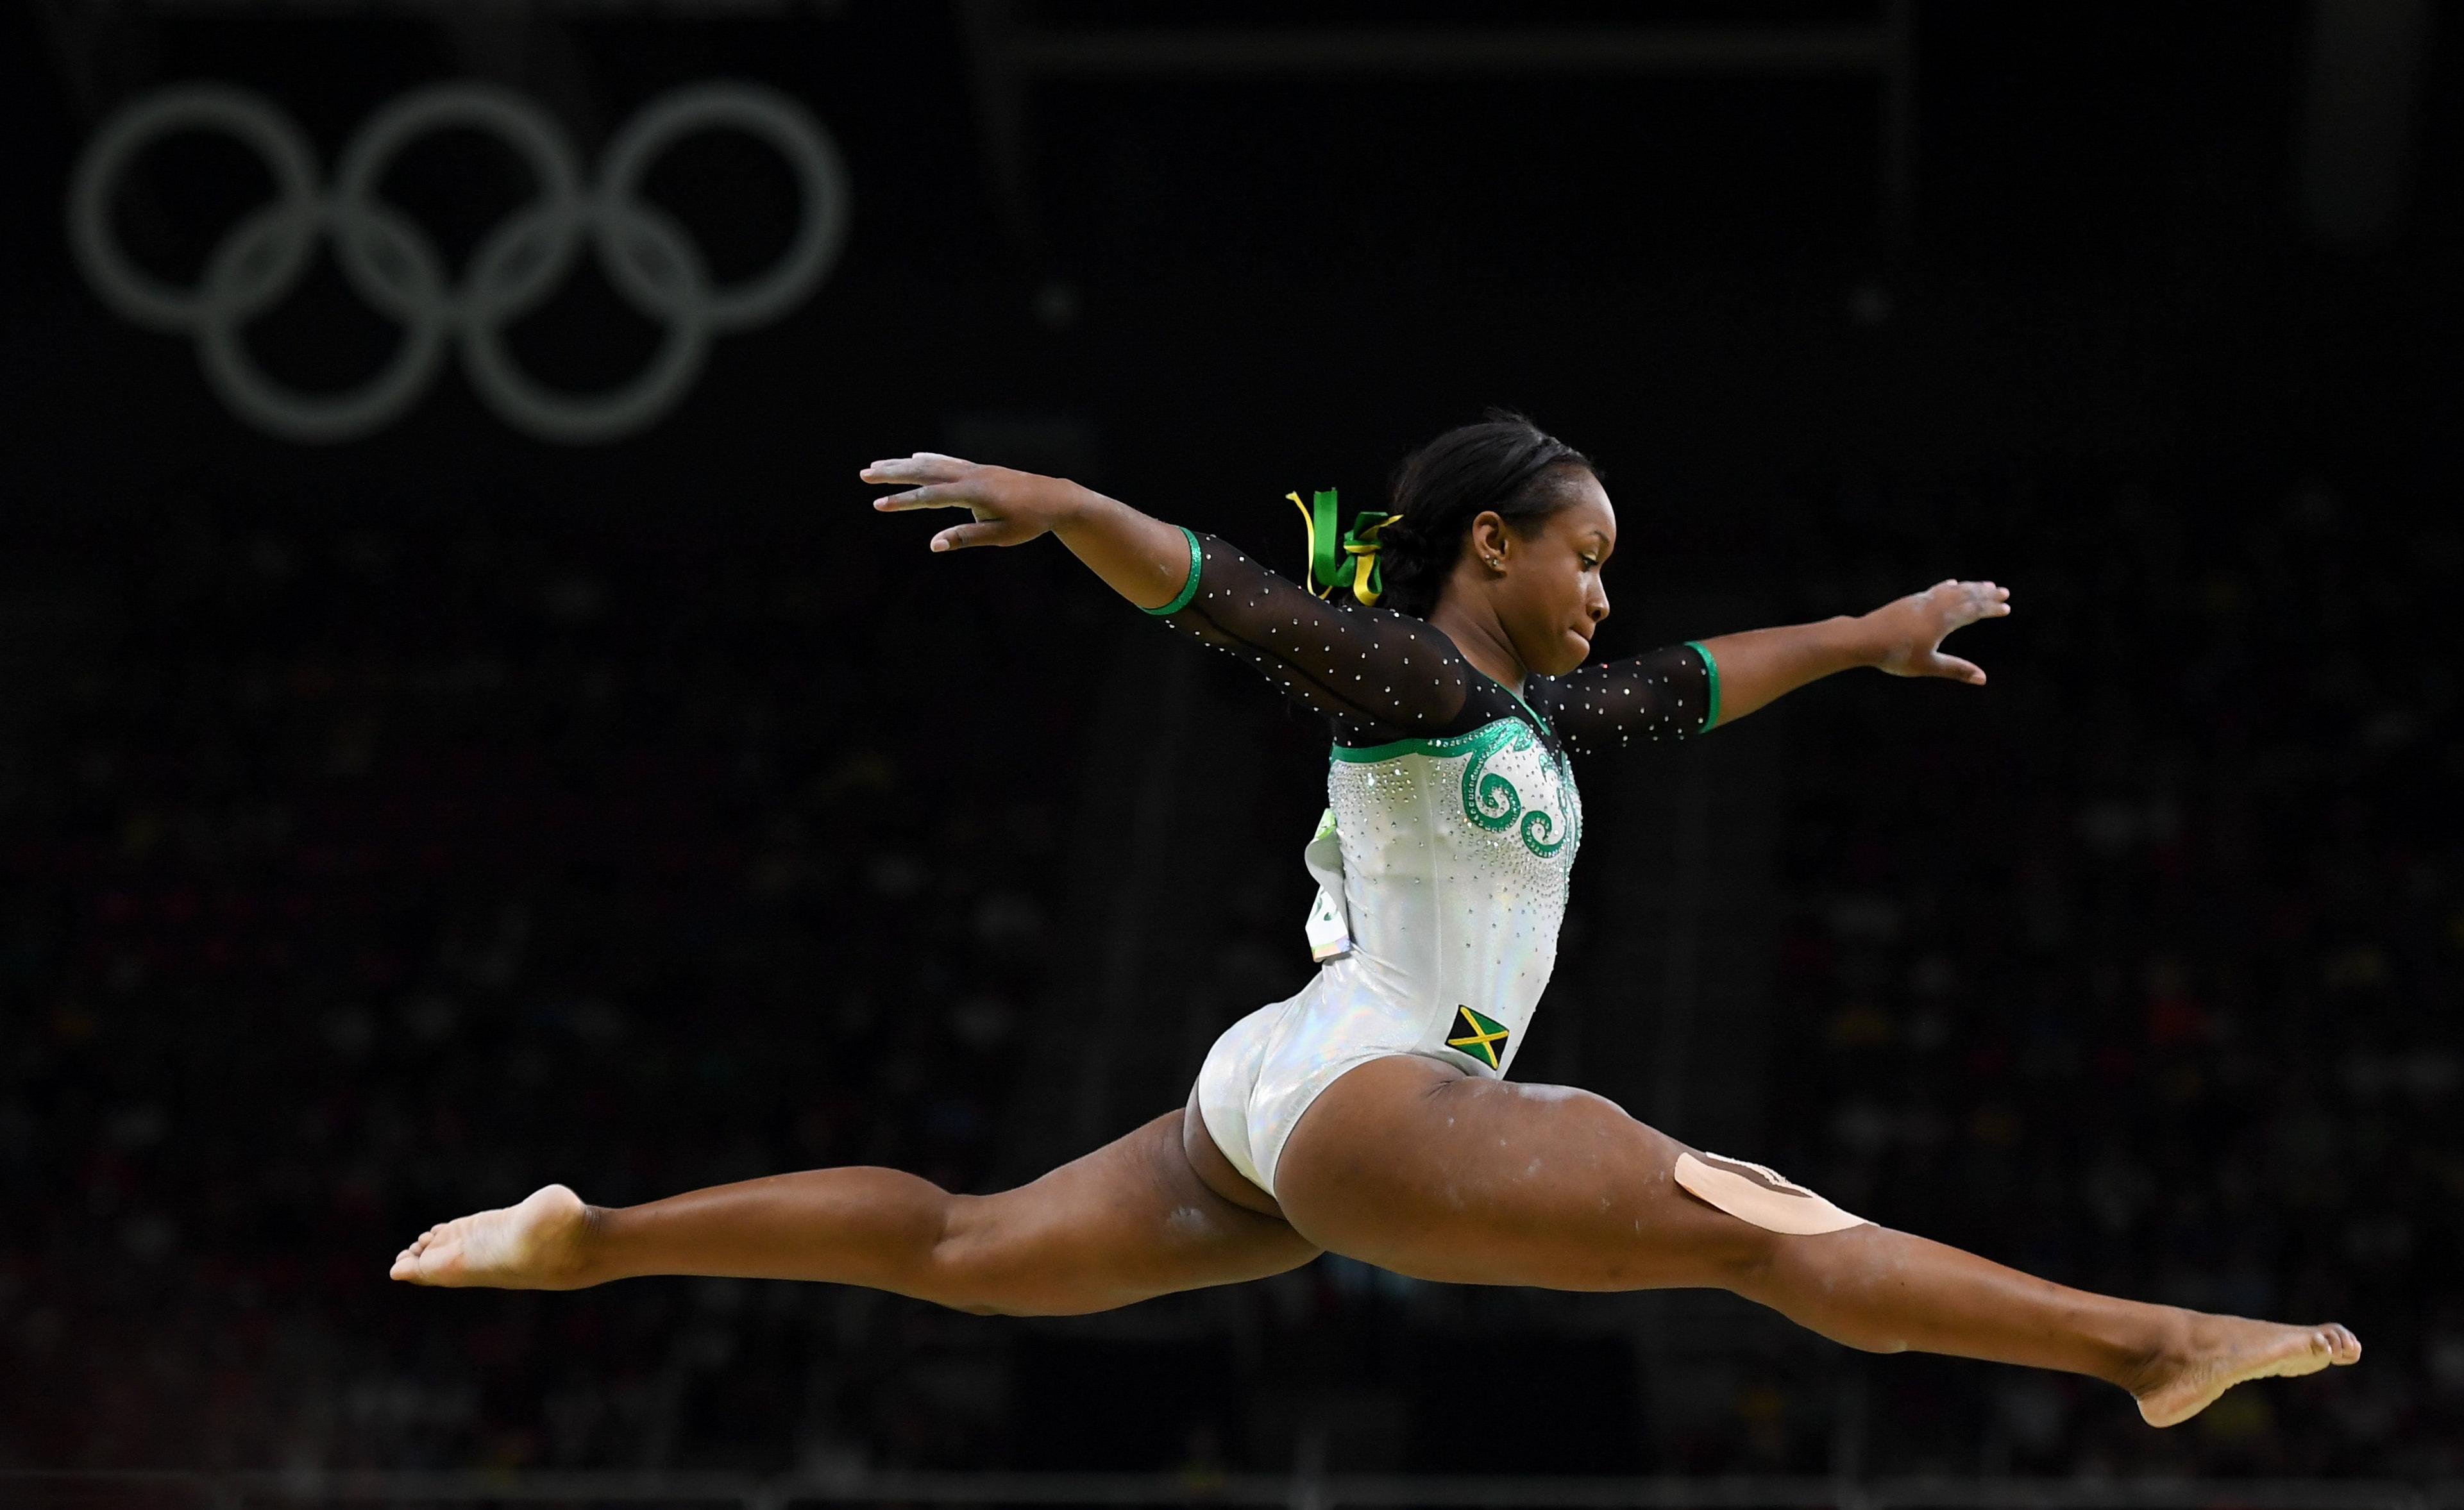 3456144dba Golden Medals: Cal Gymnastics, Tennis, Women's Water Polo previews ...